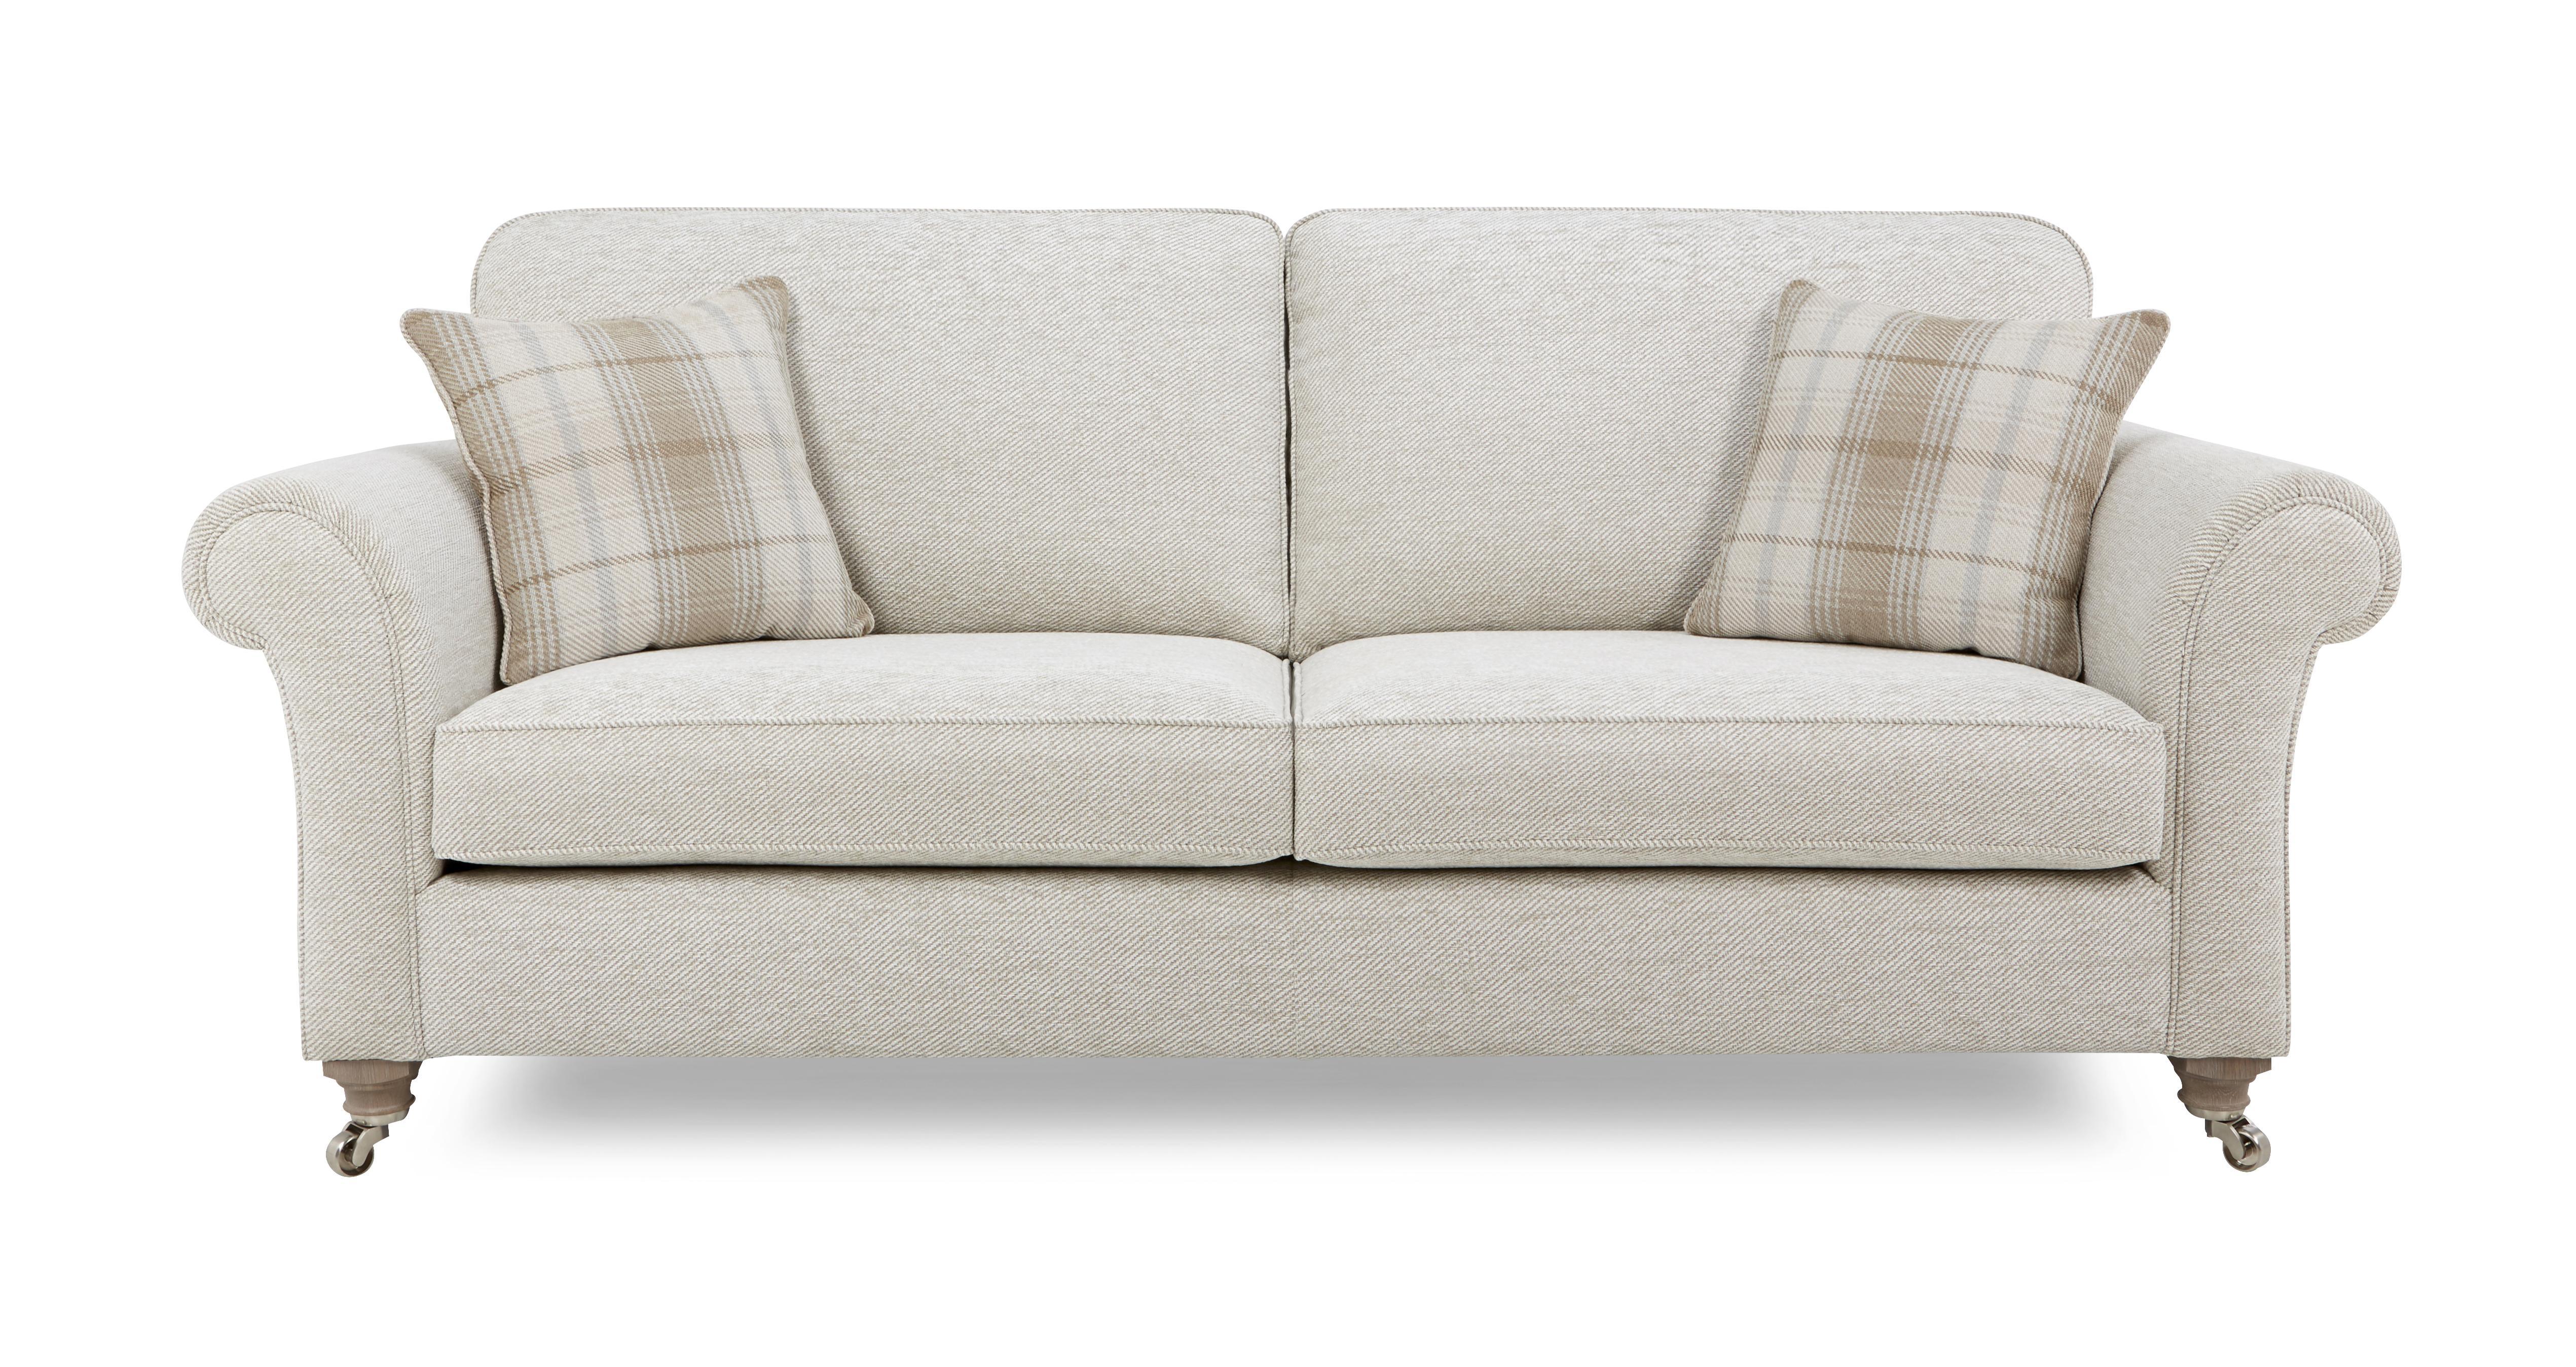 Morland Plain All Over 4 Seater Formal Back Sofa Morland Plain